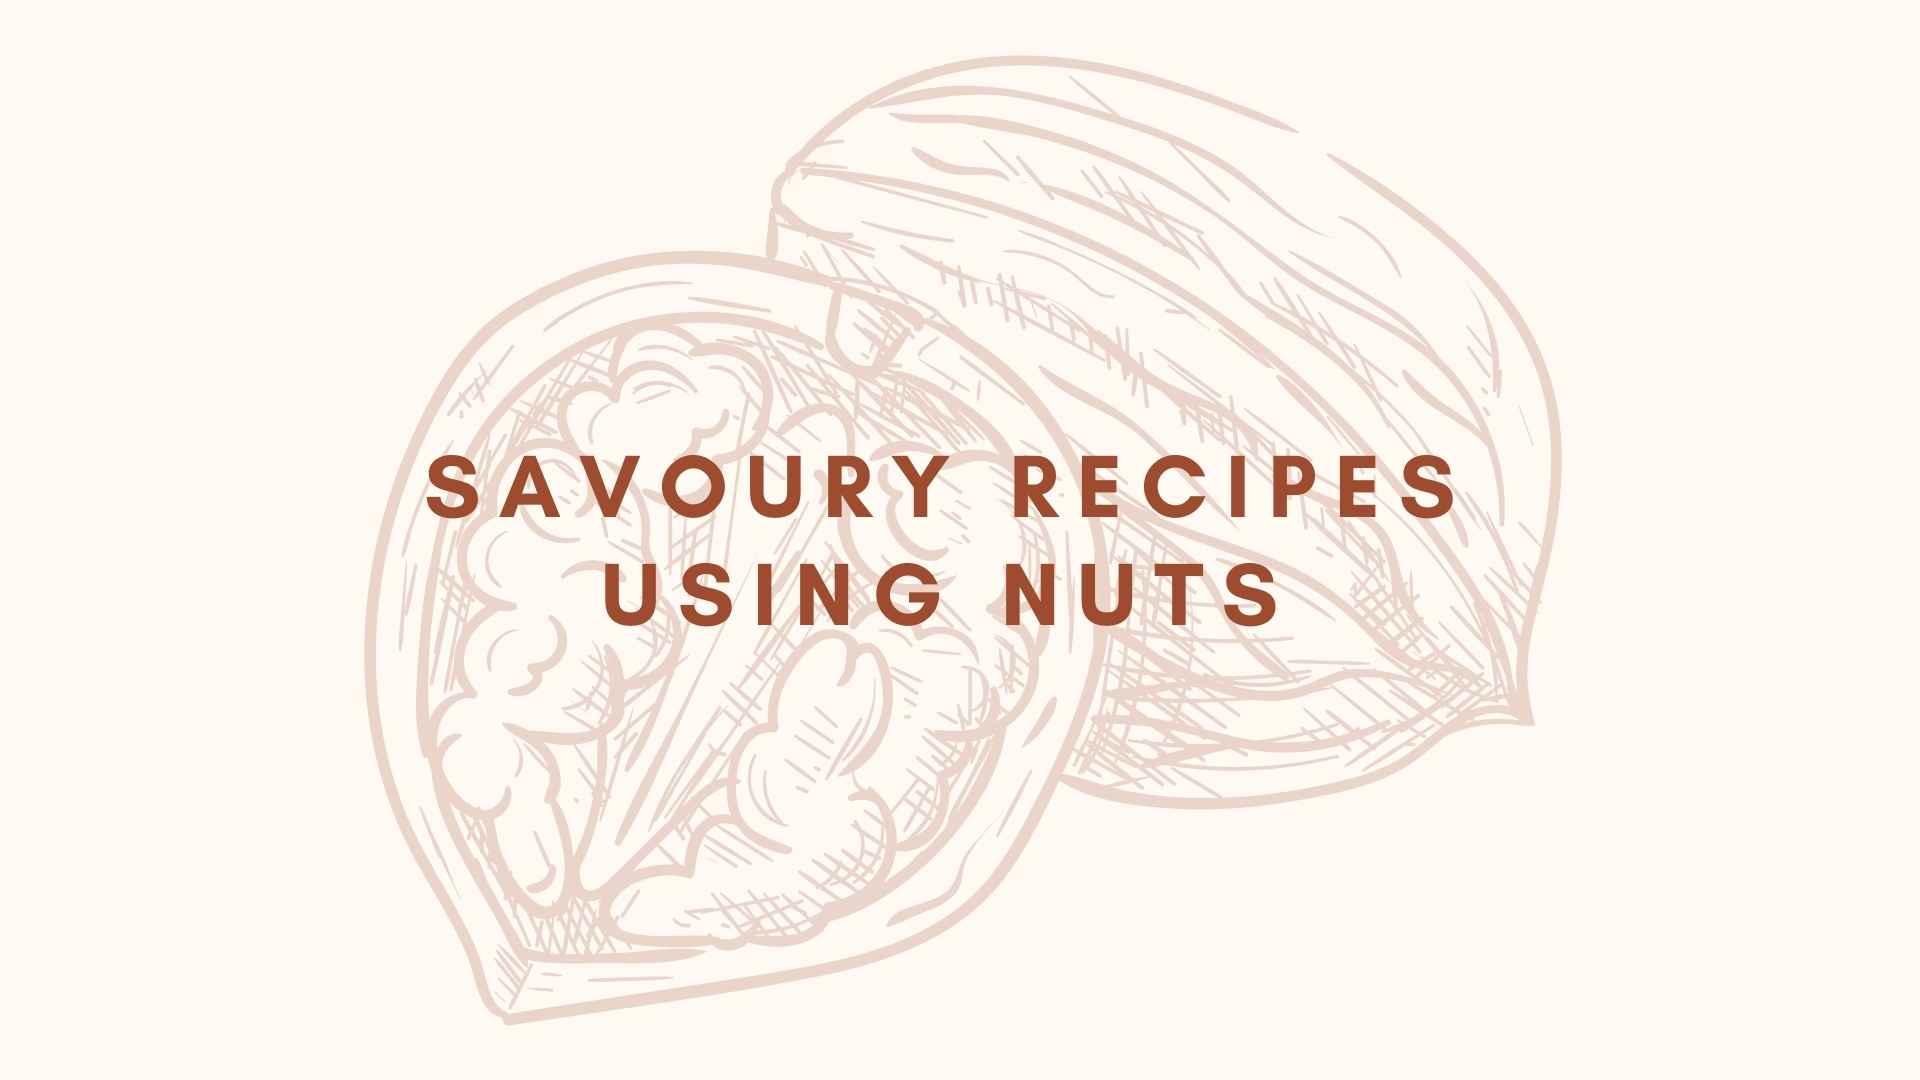 Savoury Recipes Using Nuts